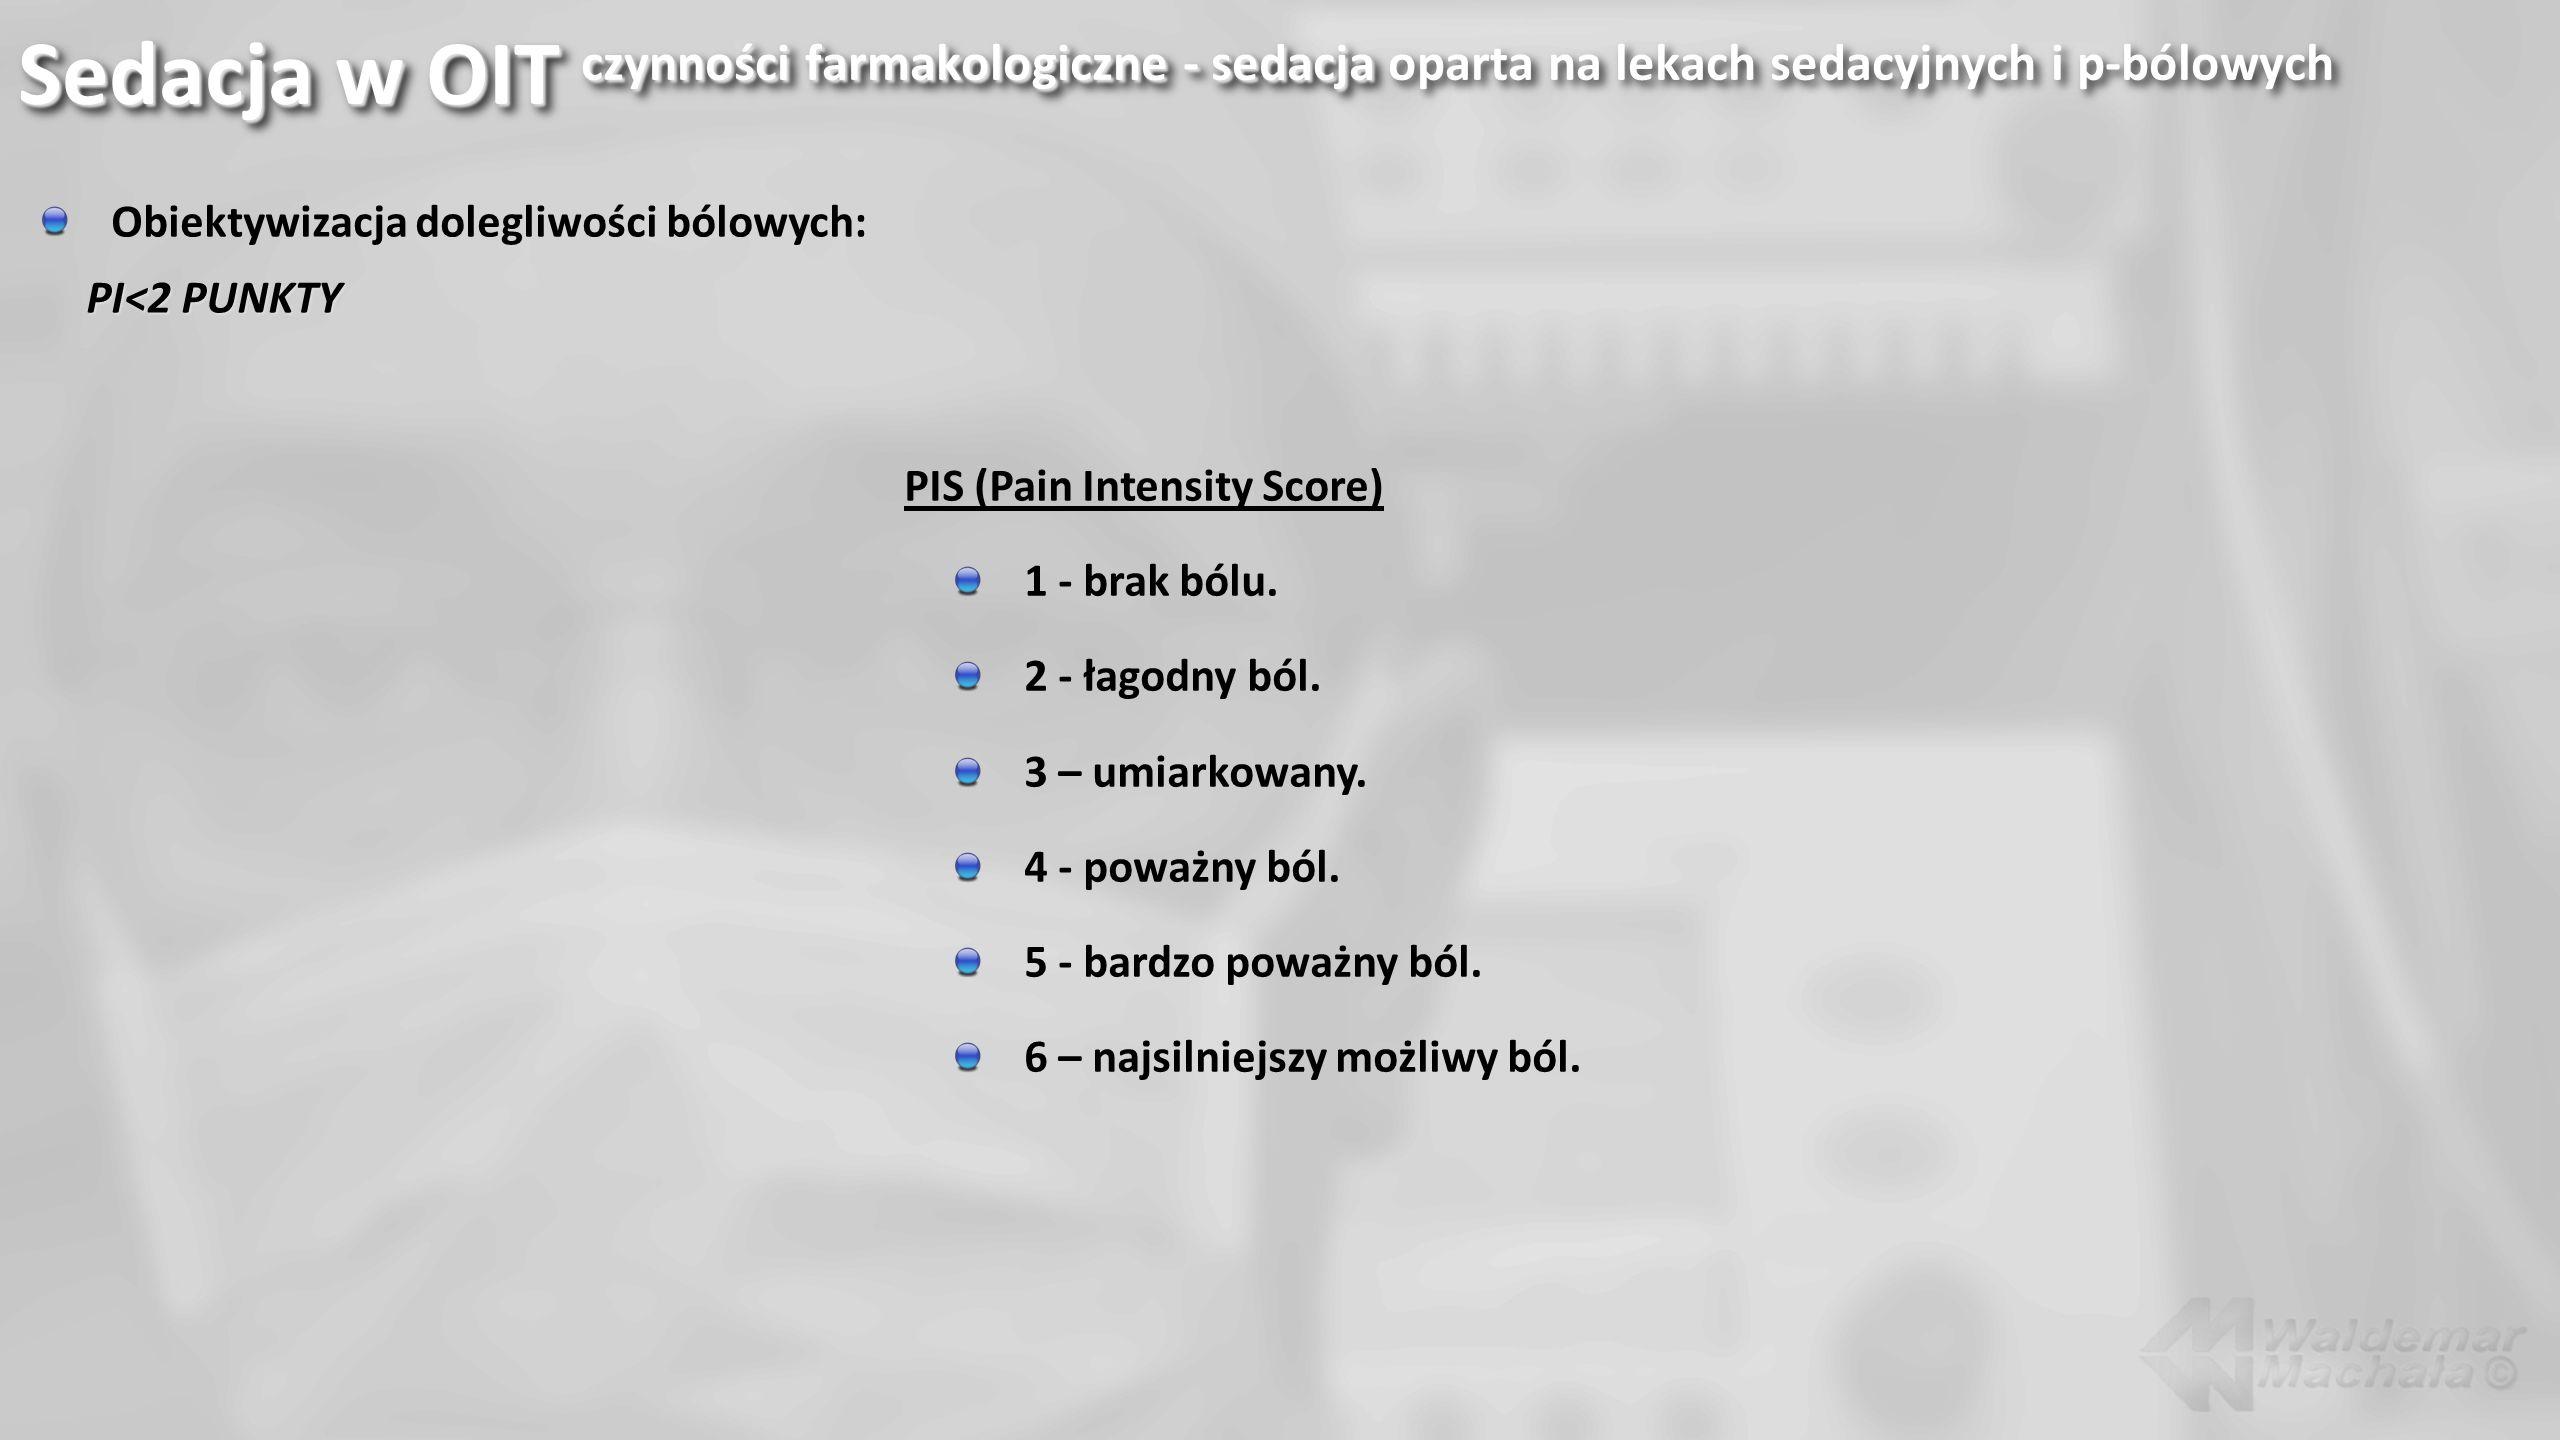 Sedacja w OIT czynności farmakologiczne - sedacja oparta na lekach sedacyjnych i p-bólowych